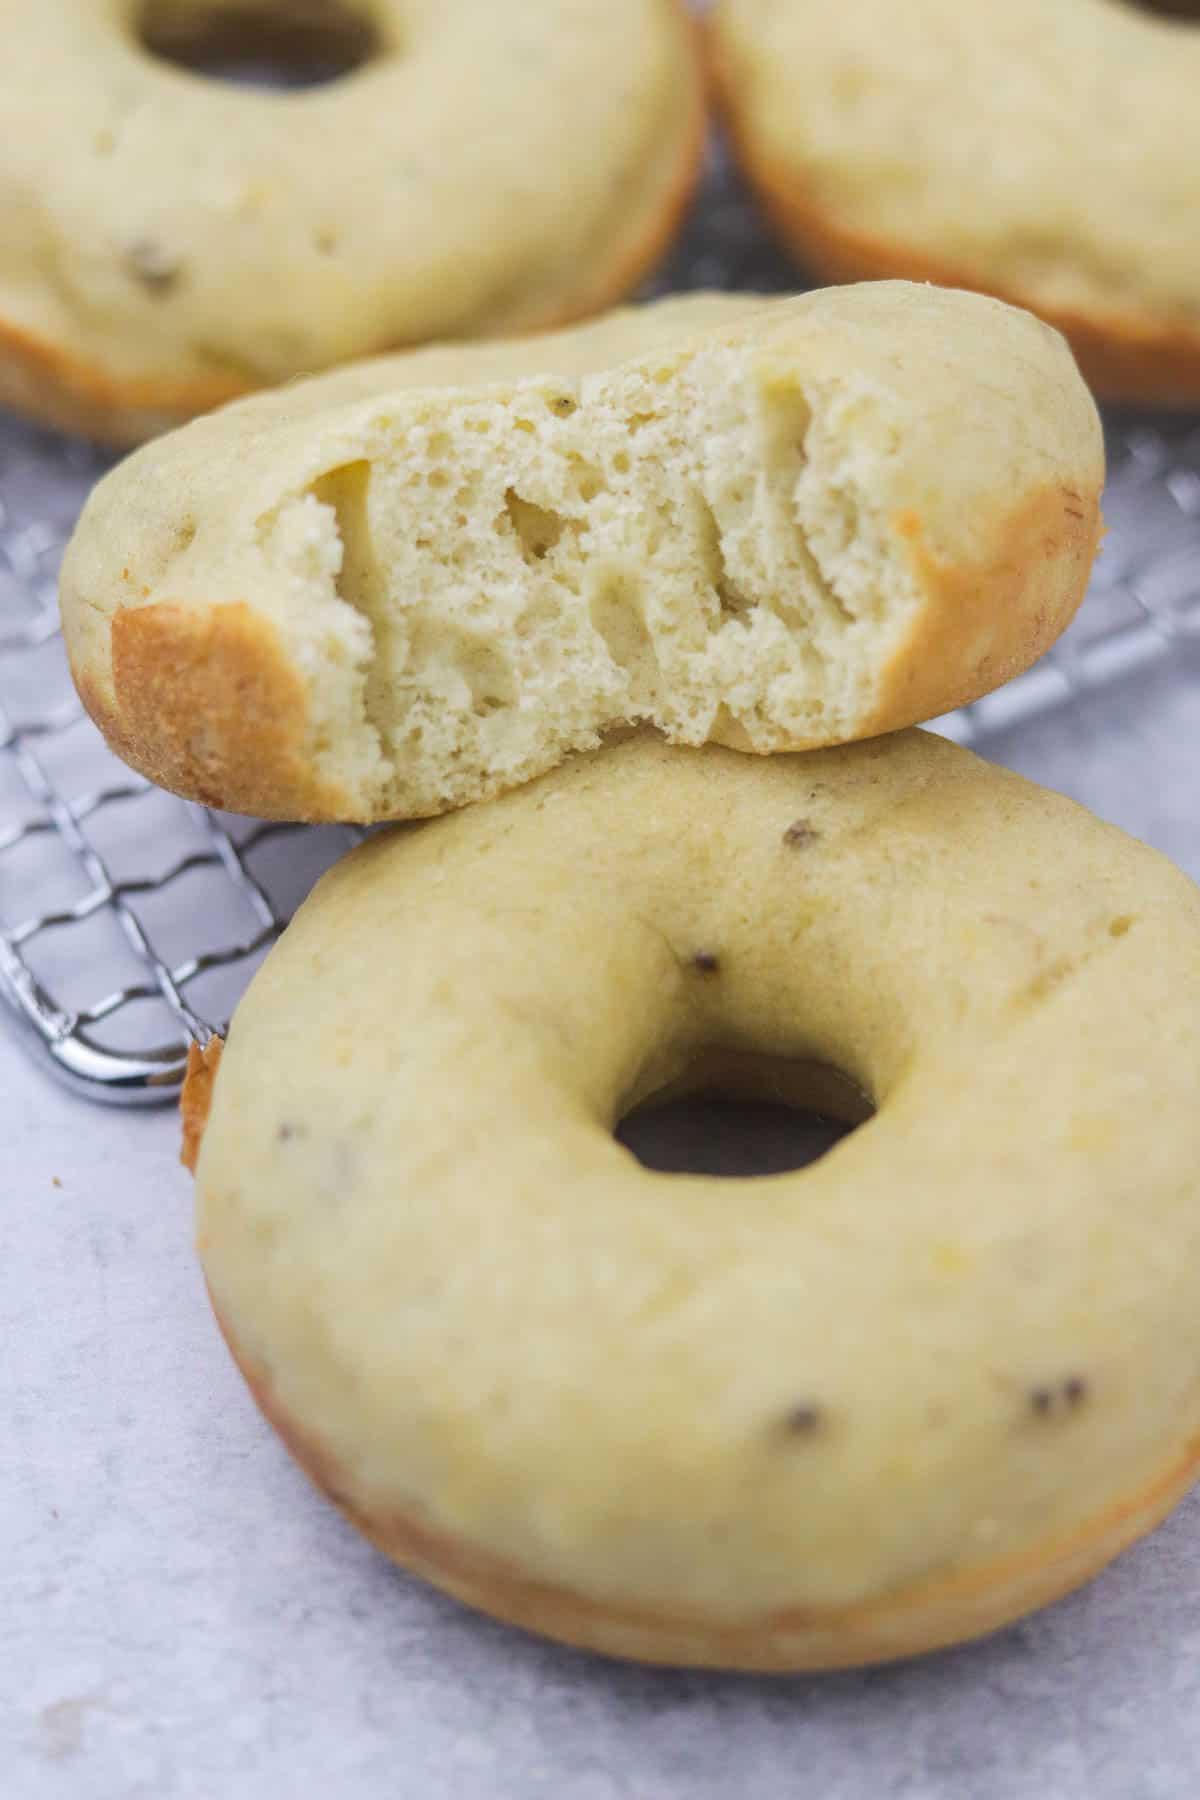 Half Eaten Baked Banana Donut.